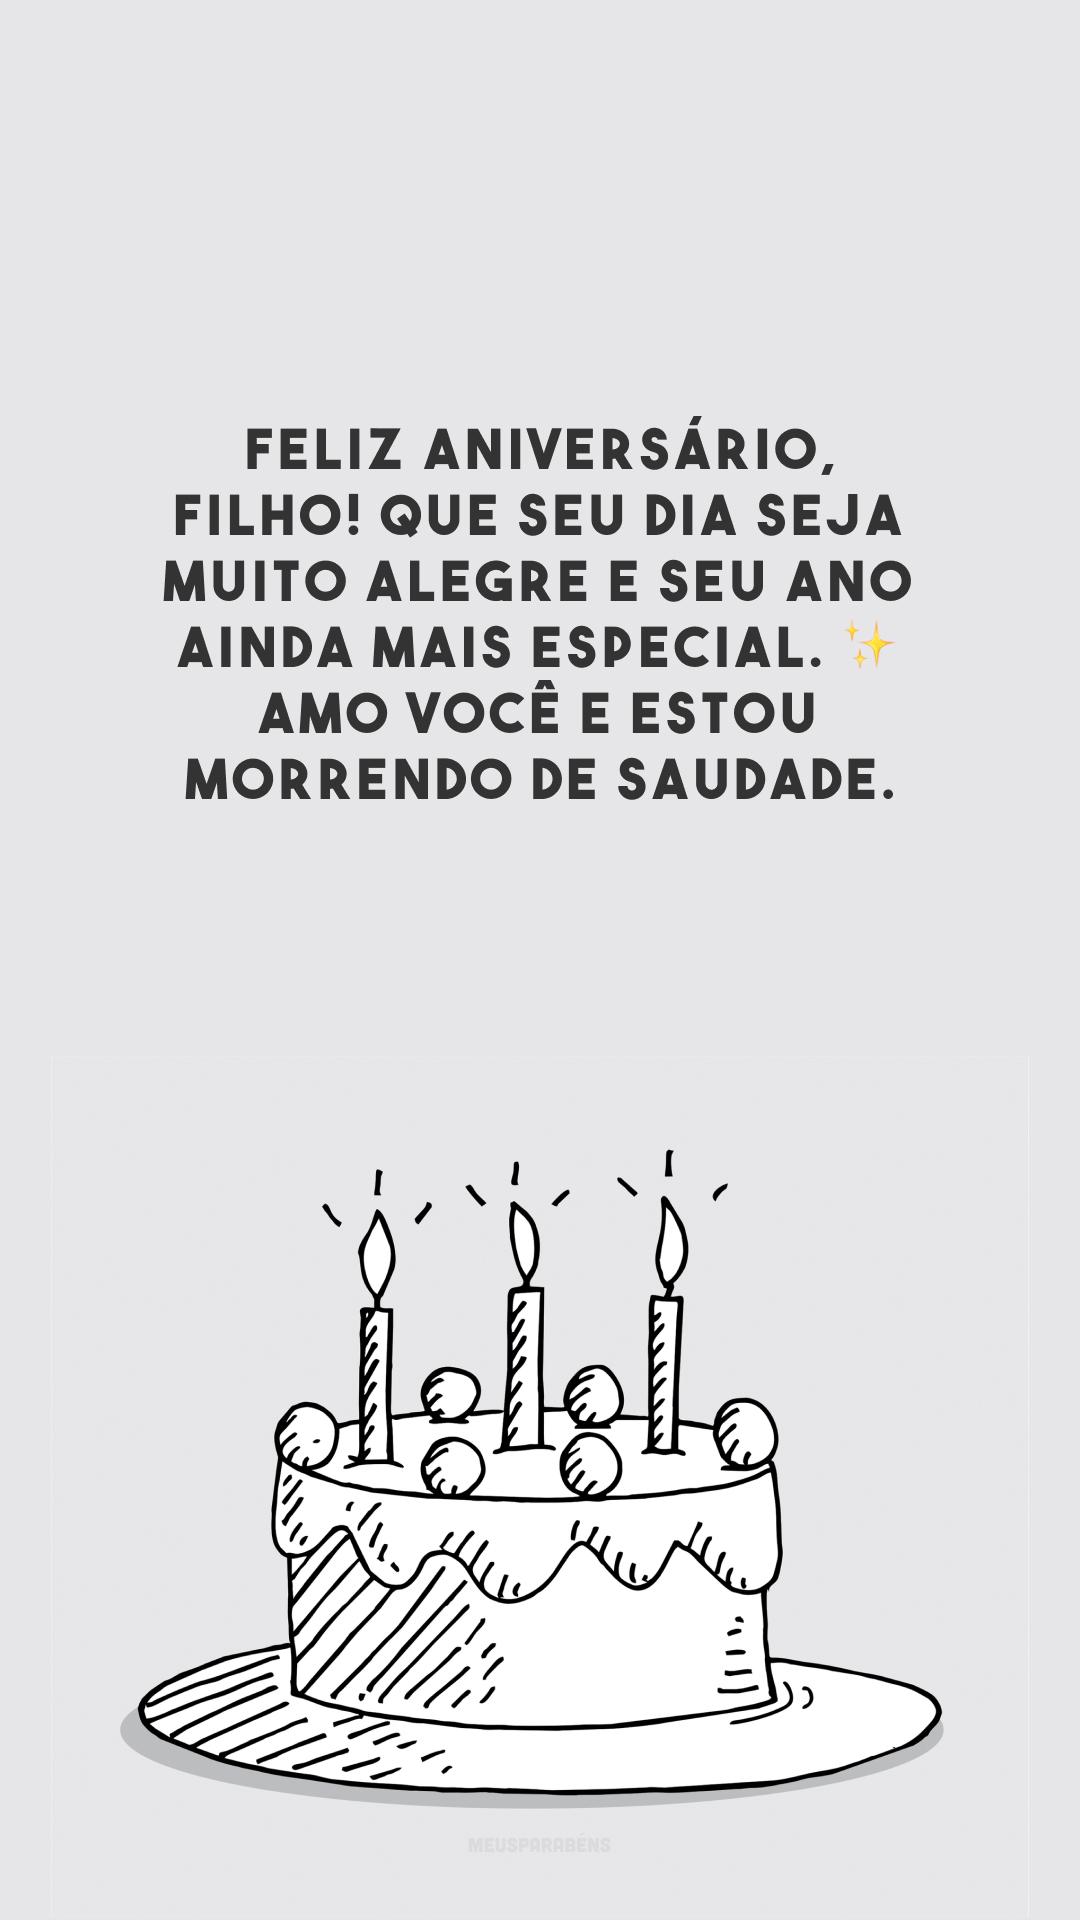 Feliz aniversário, filho! Que seu dia seja muito alegre e seu ano ainda mais especial. ✨ Amo você e estou morrendo de saudade.